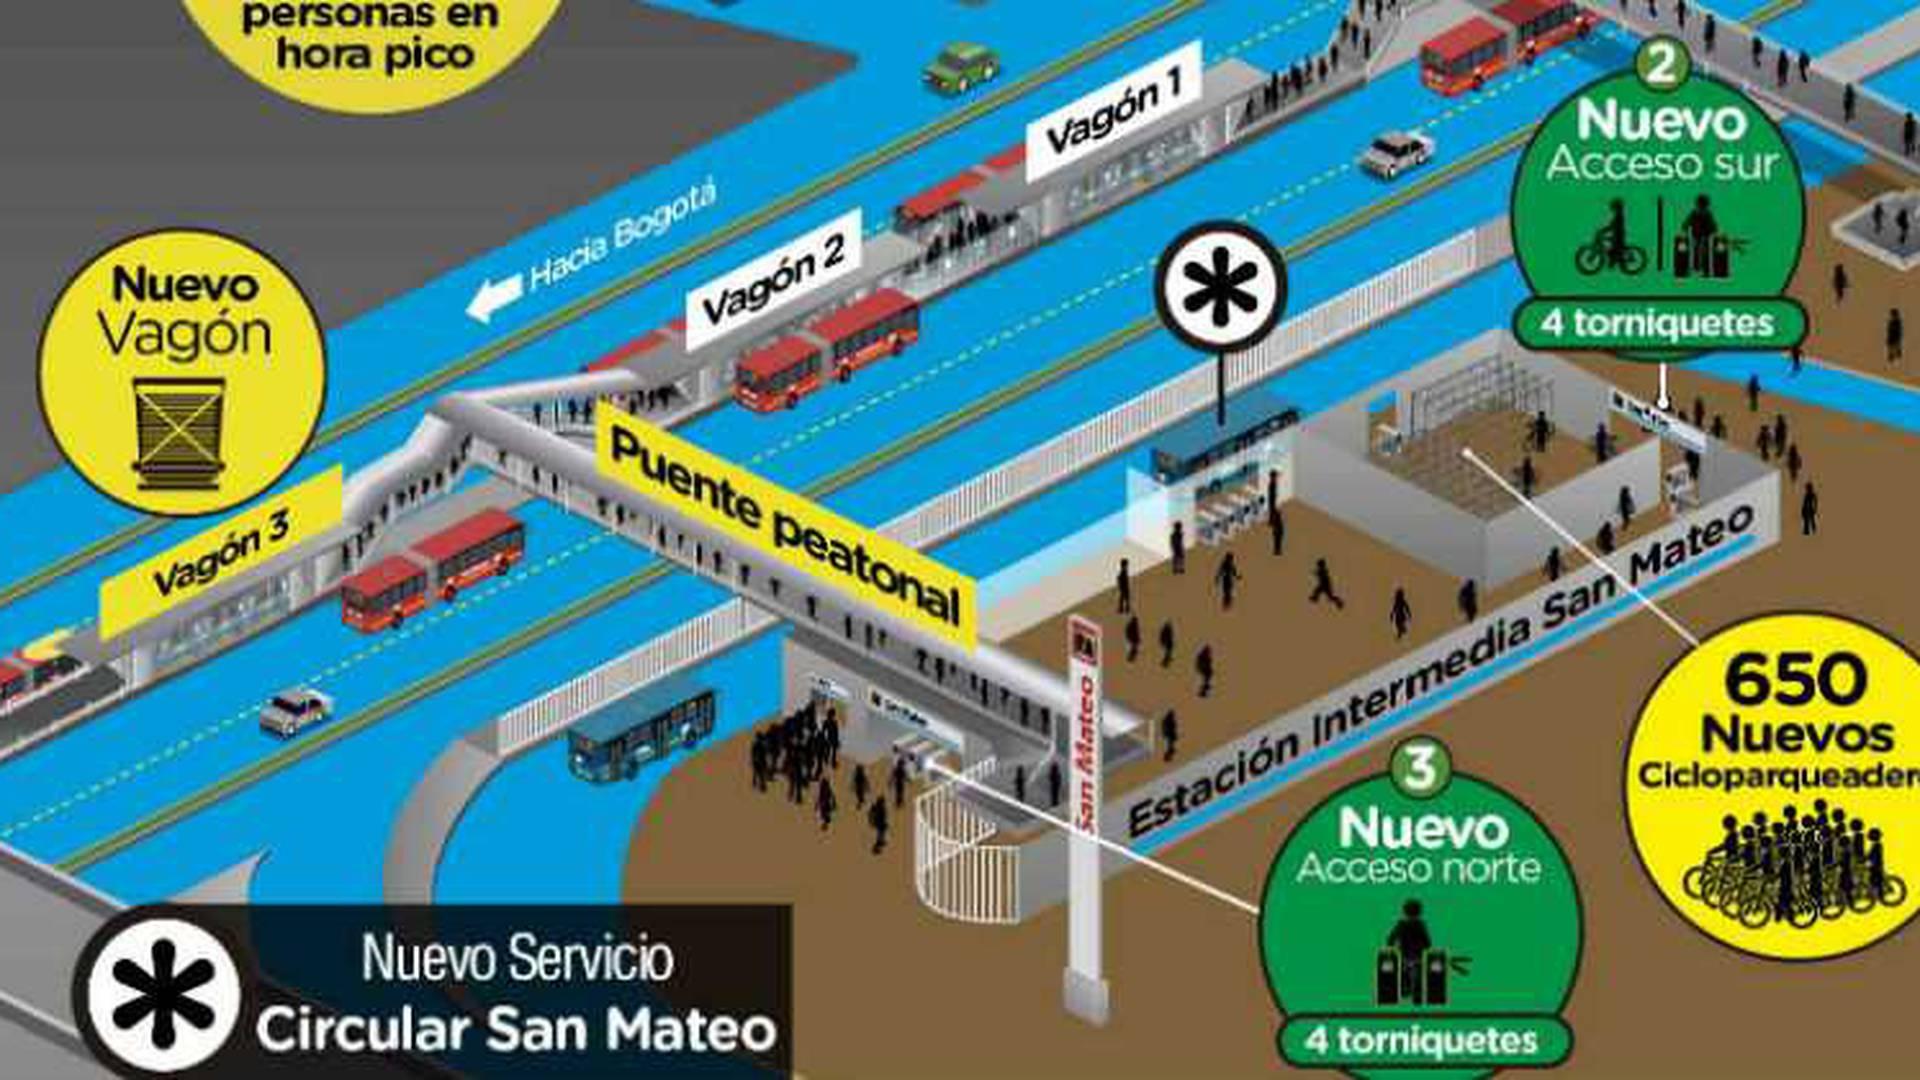 Transmilenio Toma Medidas Para Mejorar La Estacion Mas Congestionada Del Sistema